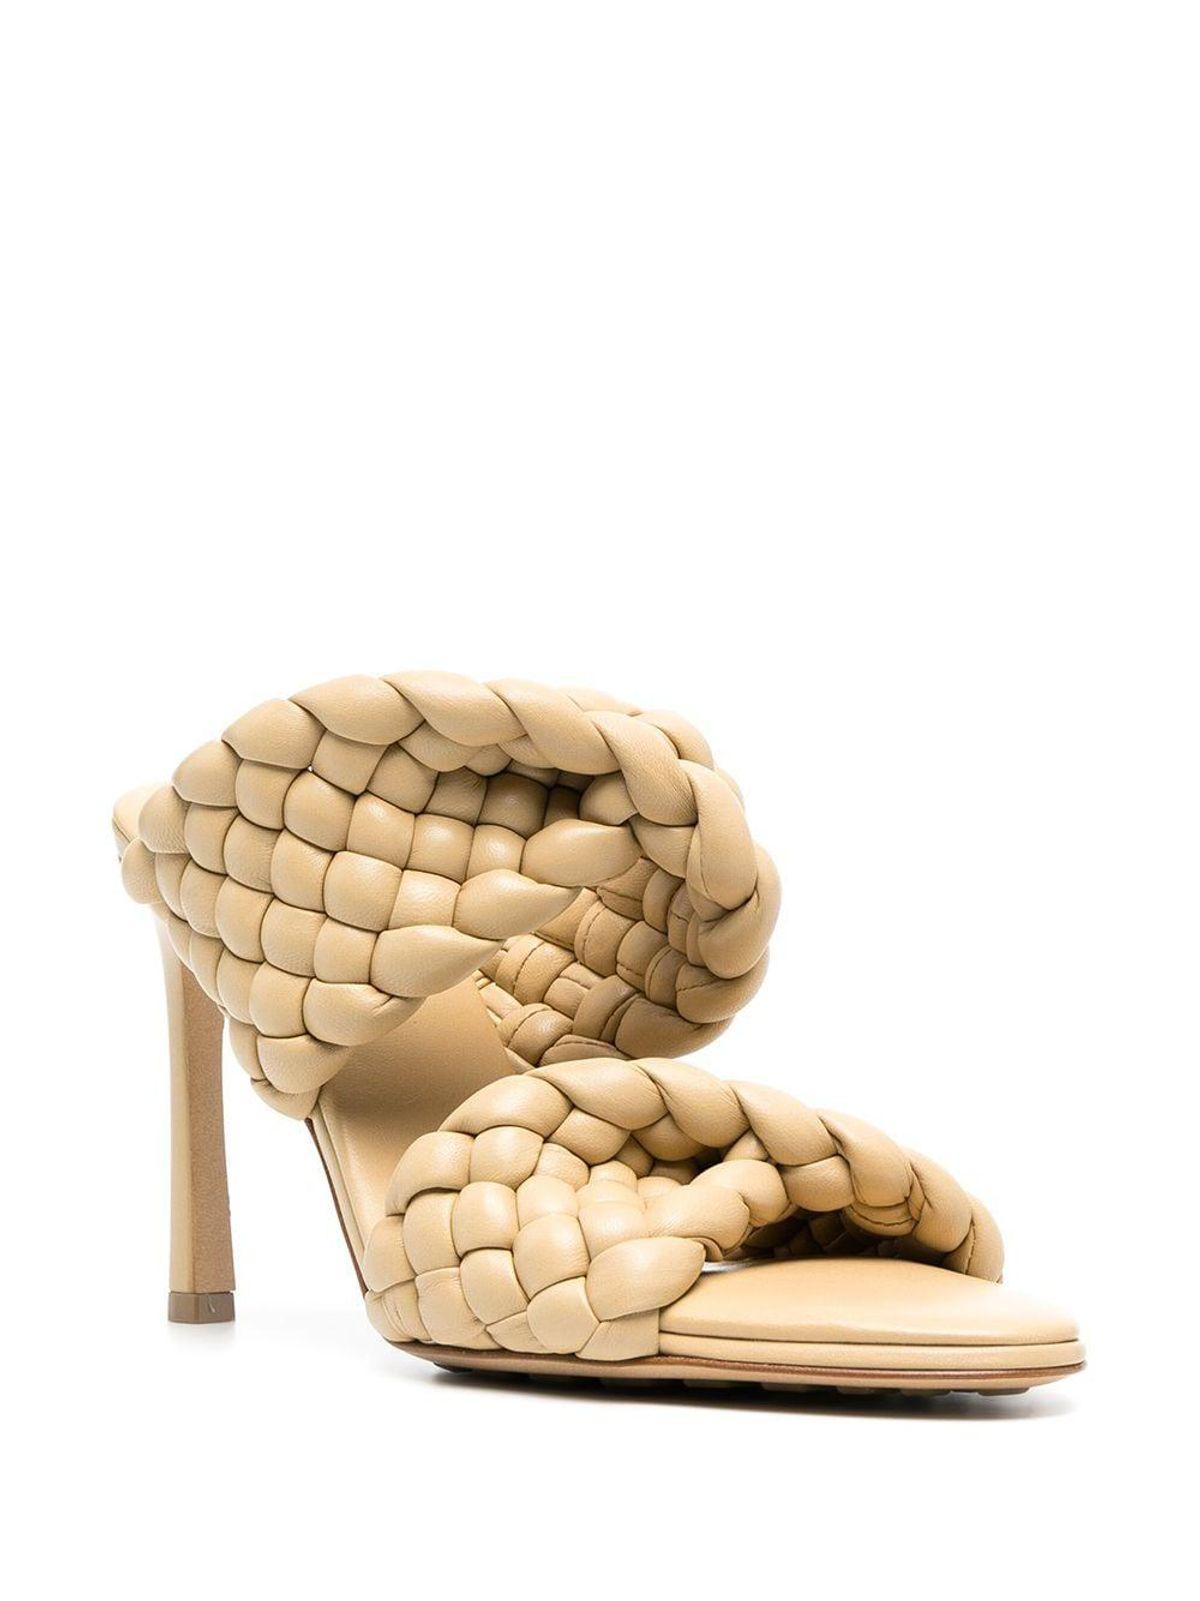 bottega veneta bv curve sandals